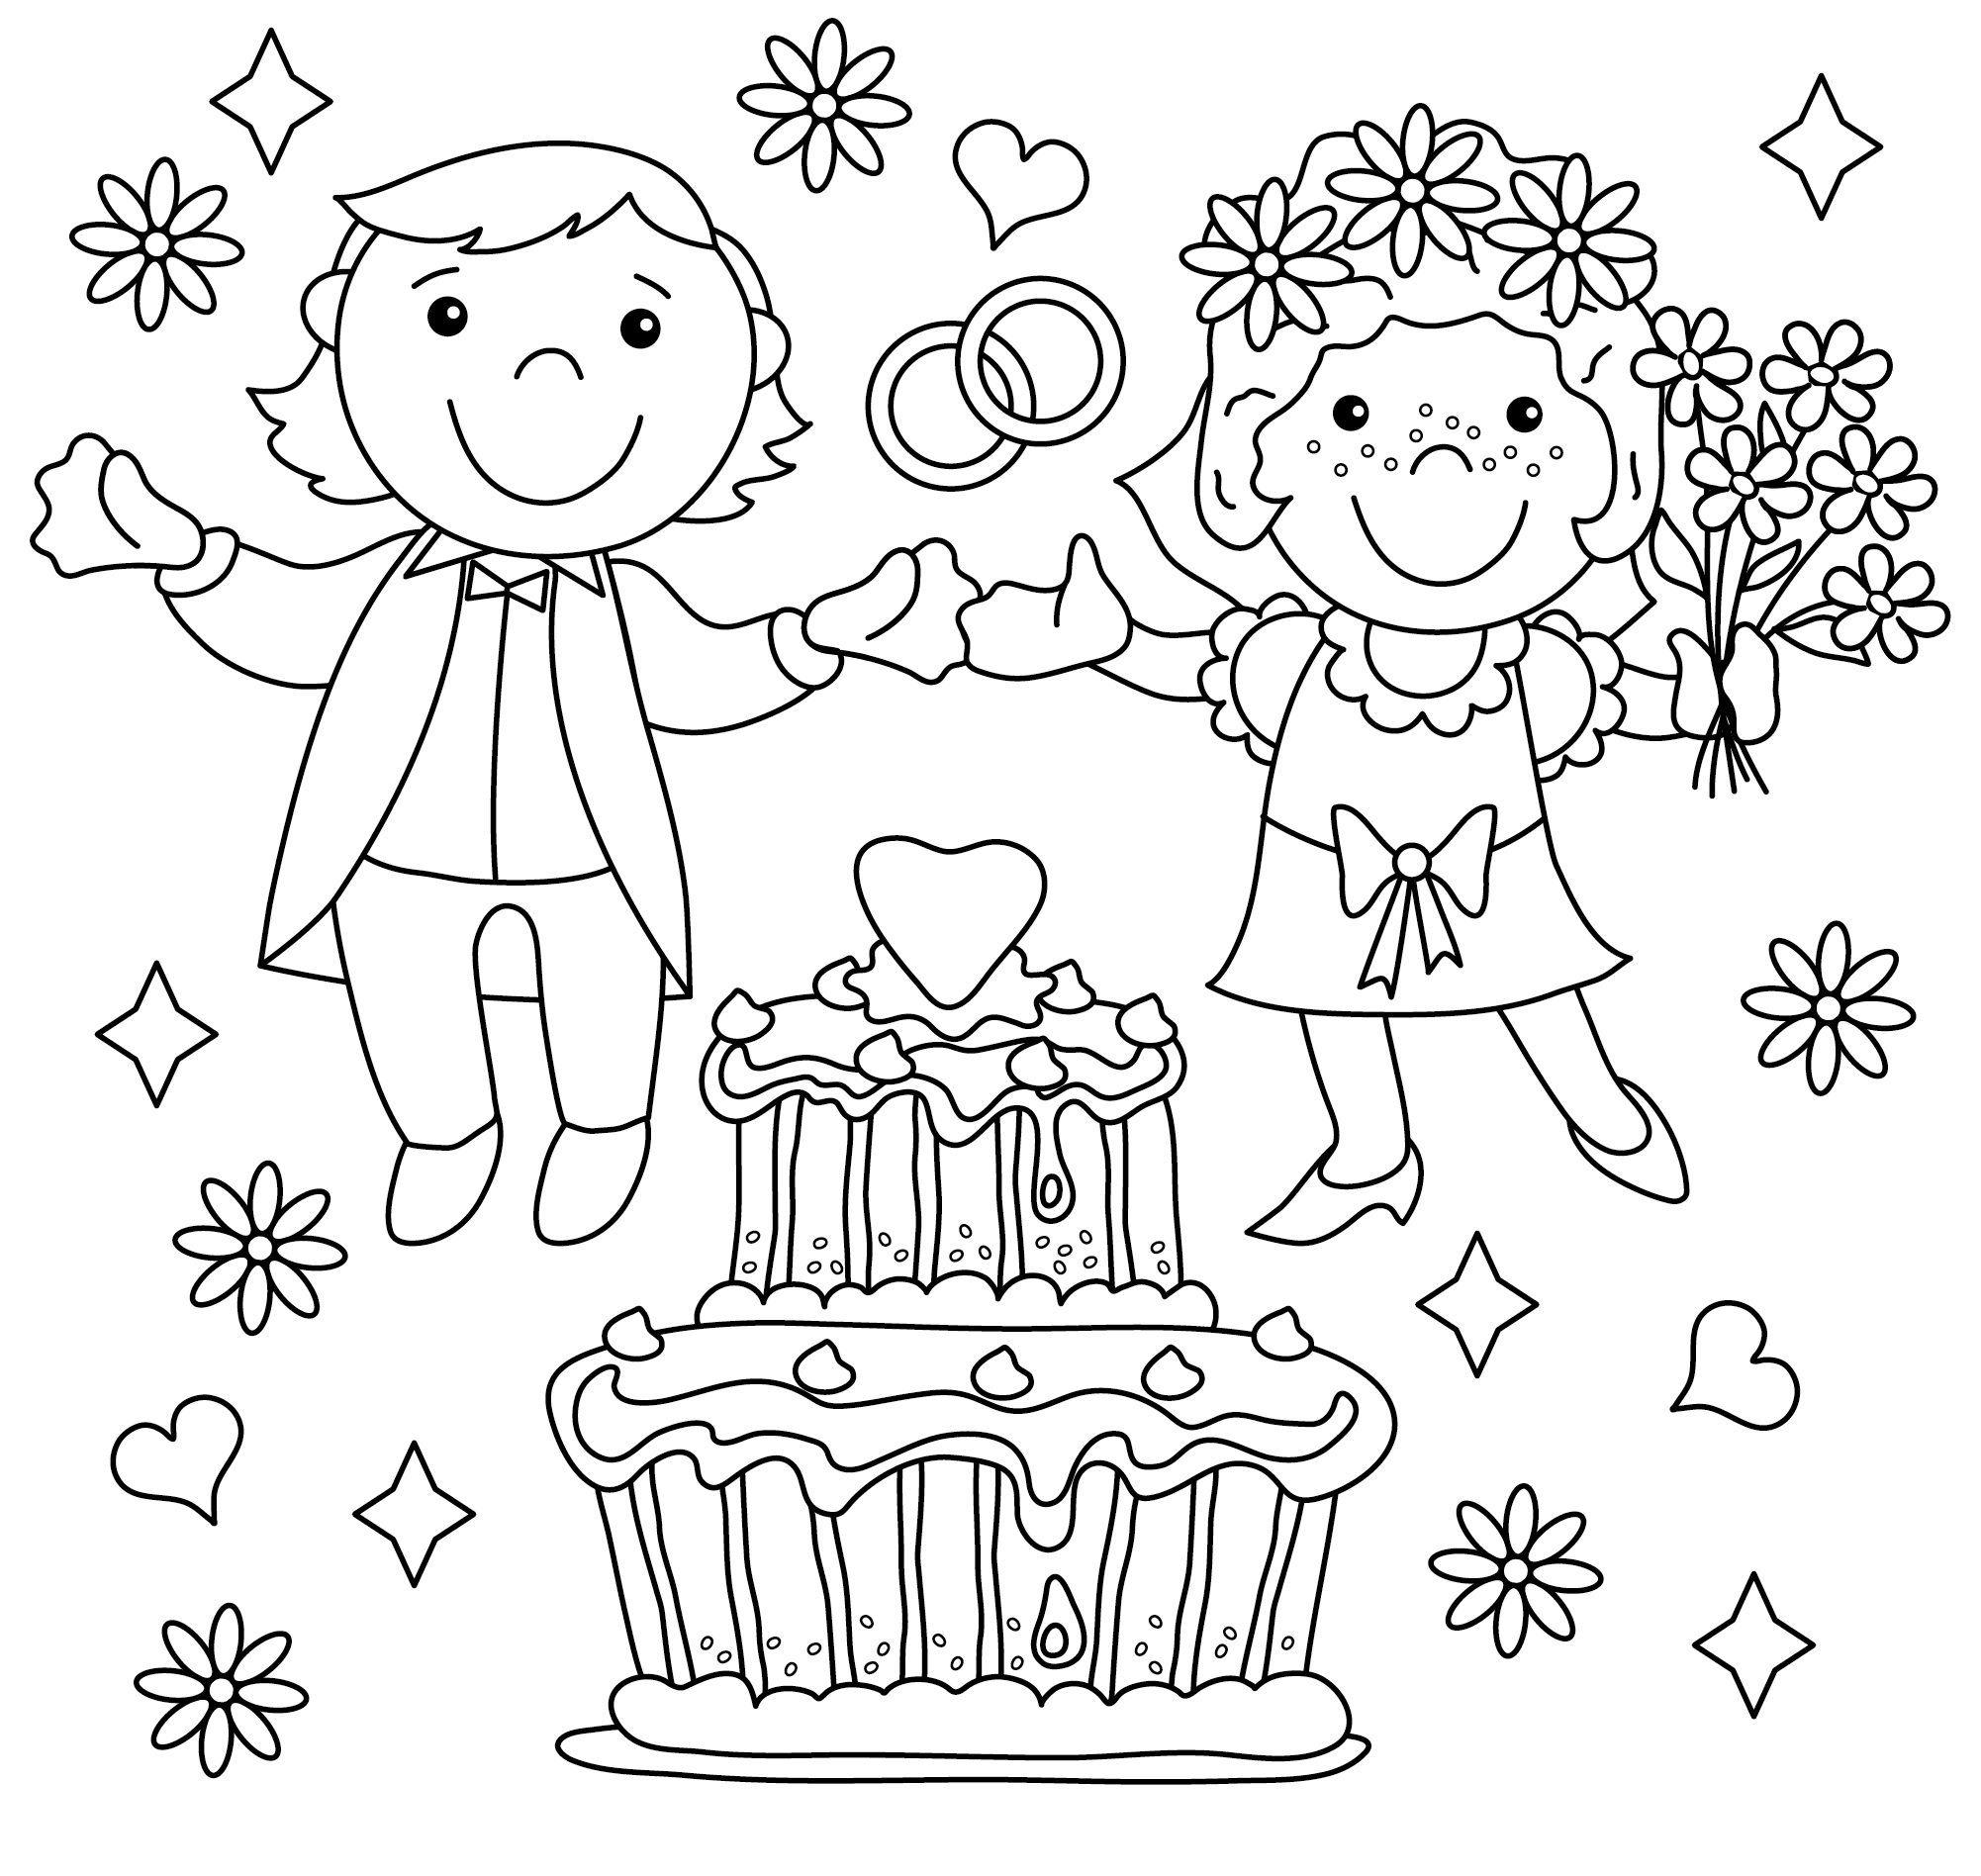 Ausmalbilder Hochzeit Zum Ausdrucken | Ausmalbilder Hochzeit über Hochzeitsbilder Zum Ausmalen